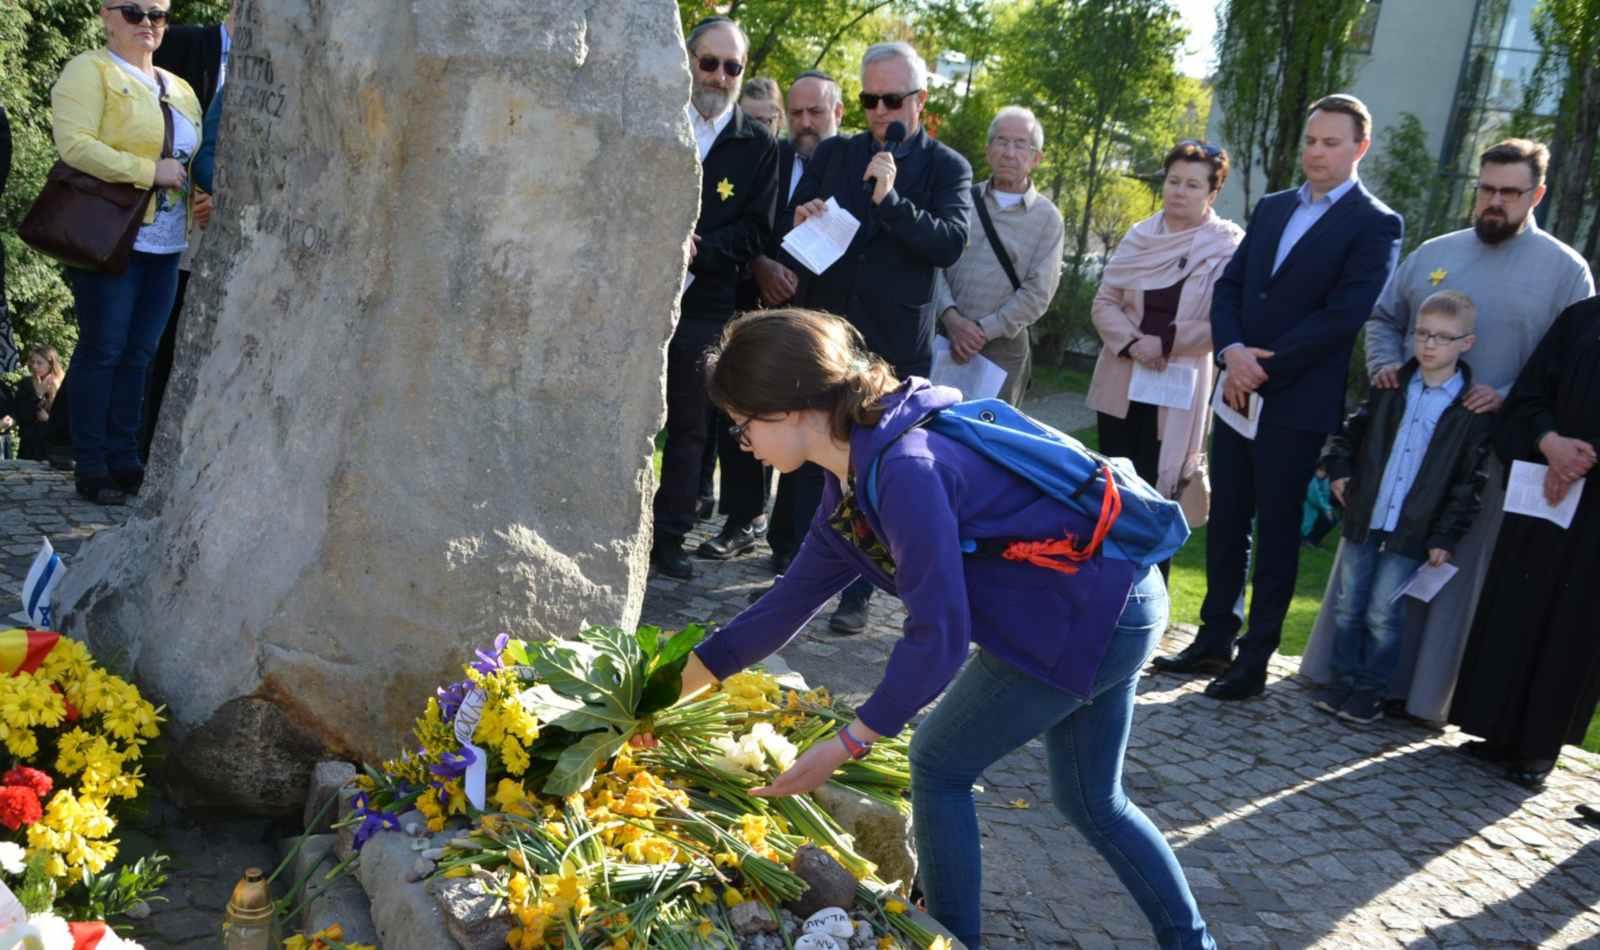 Złożenie kwiatów na Pomniku - Bunkrze przy Miłej 18